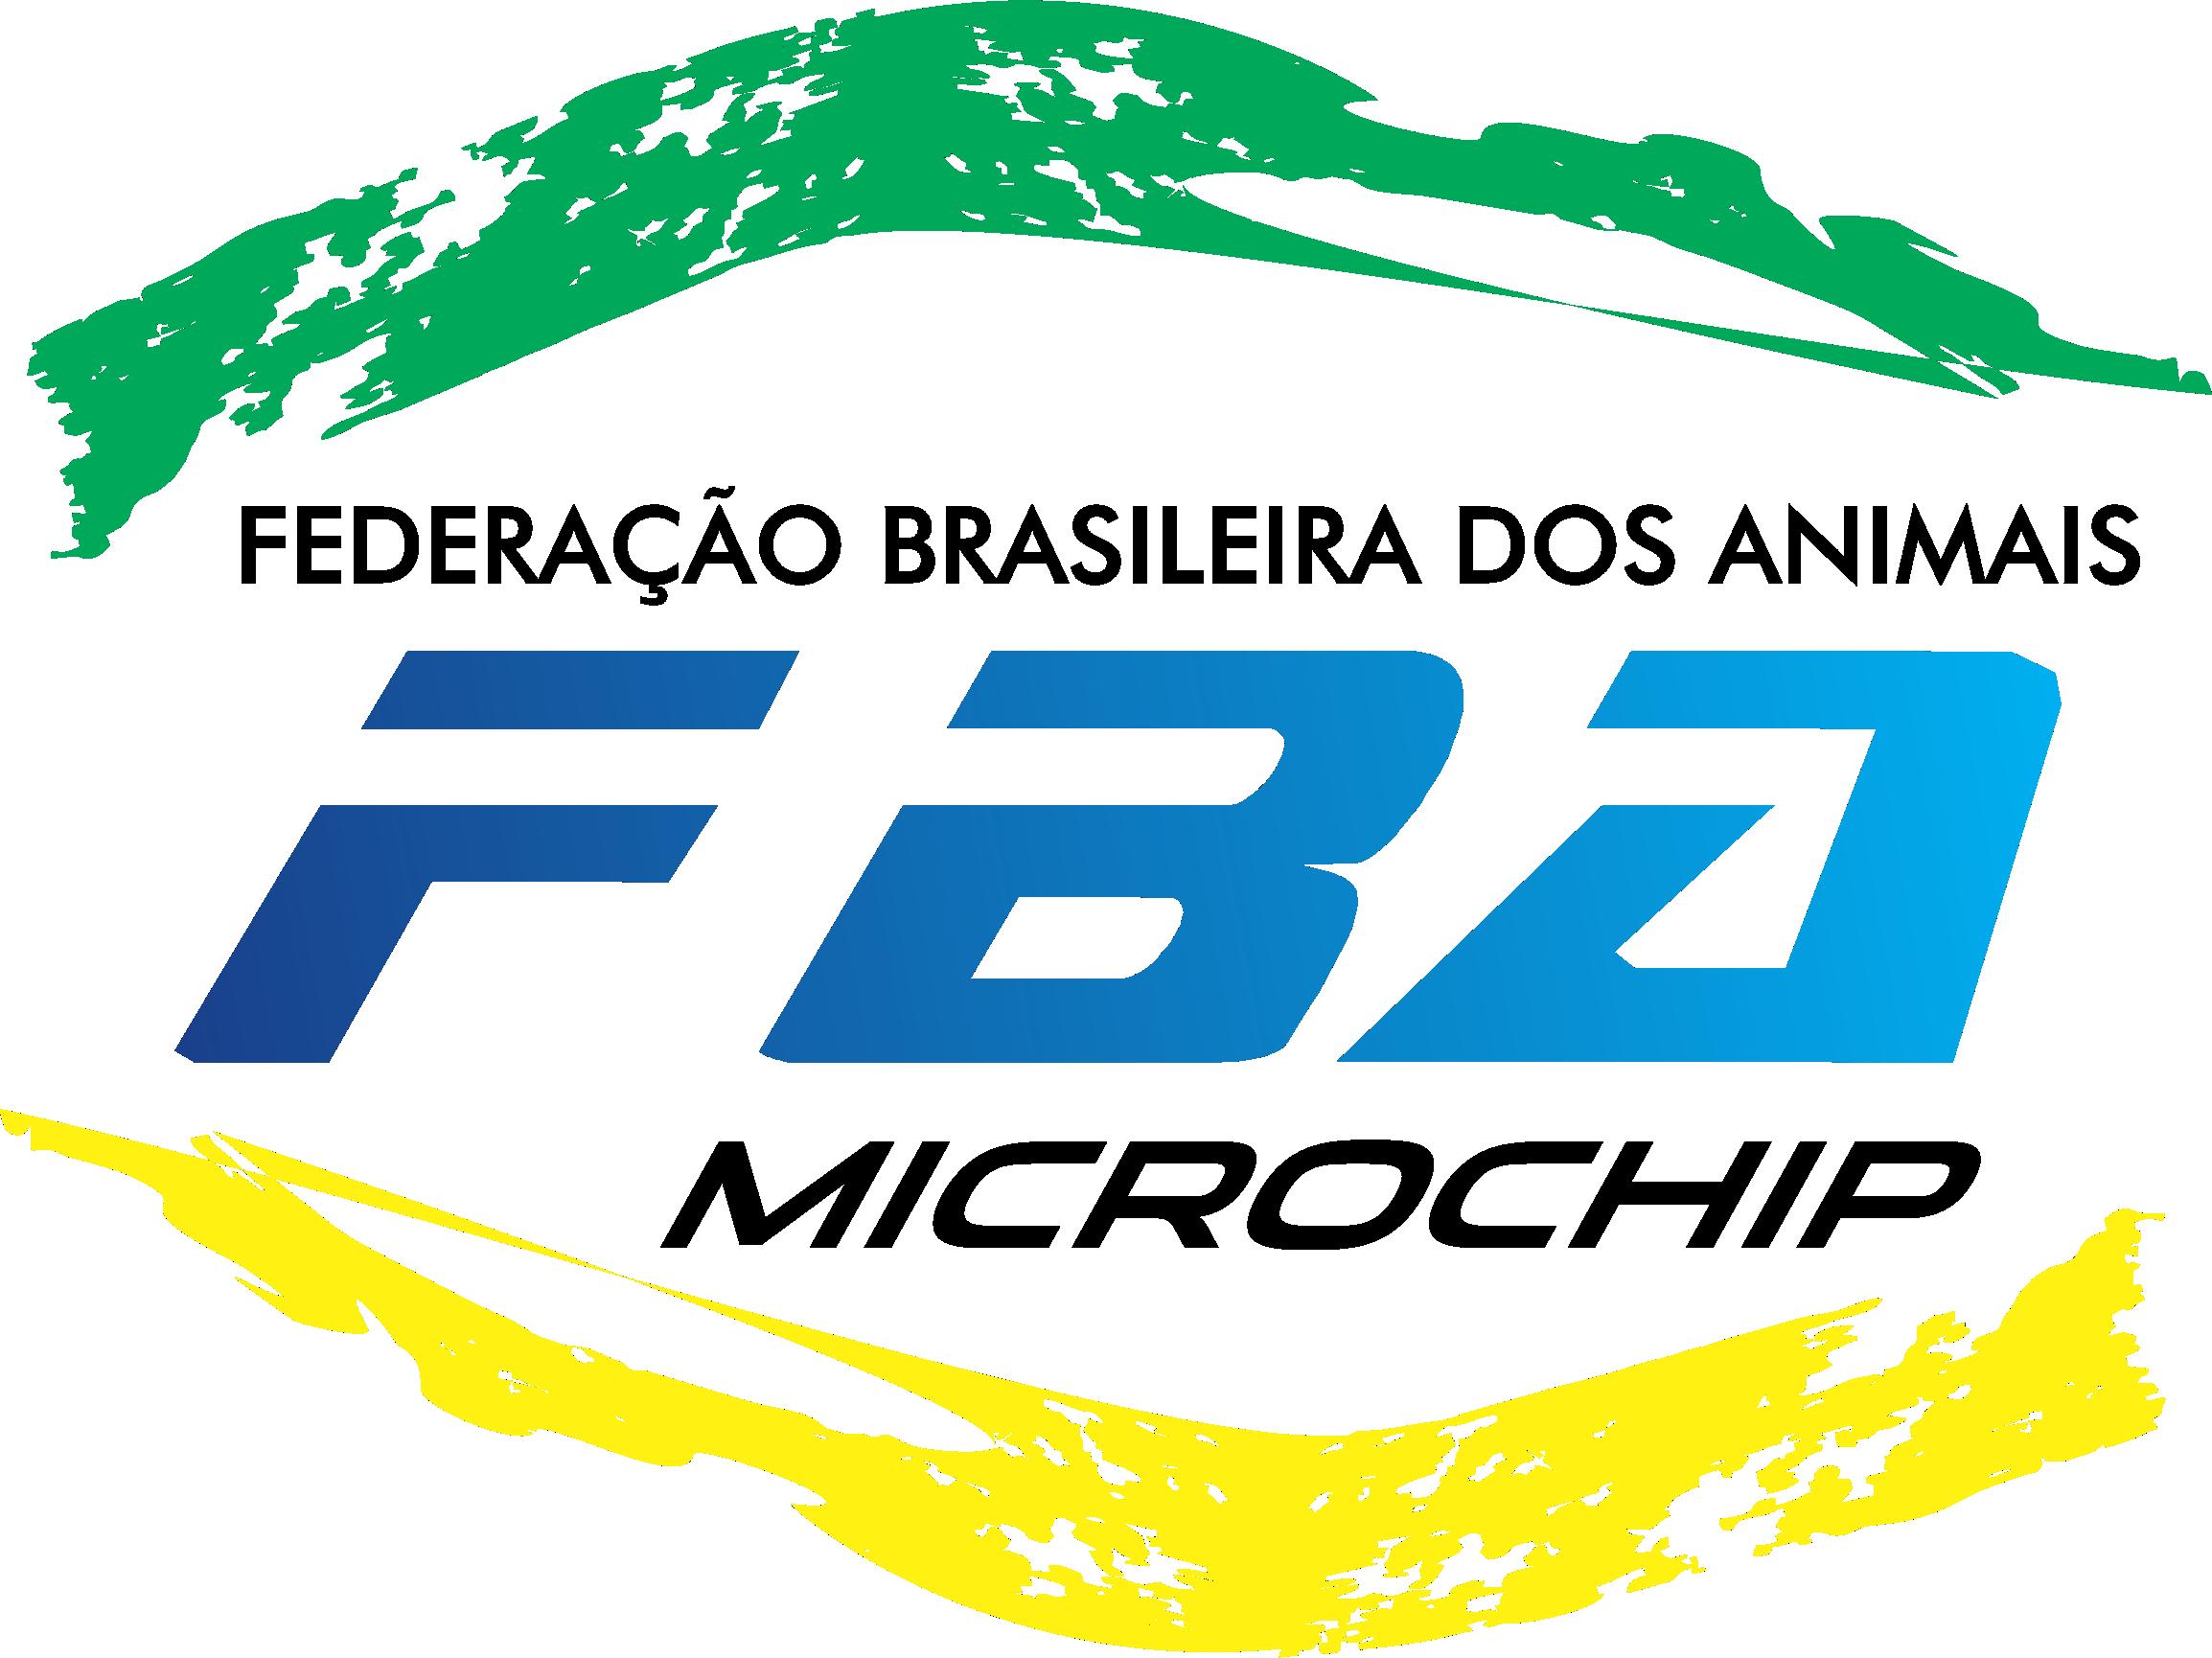 Federação Brasileira de Animais